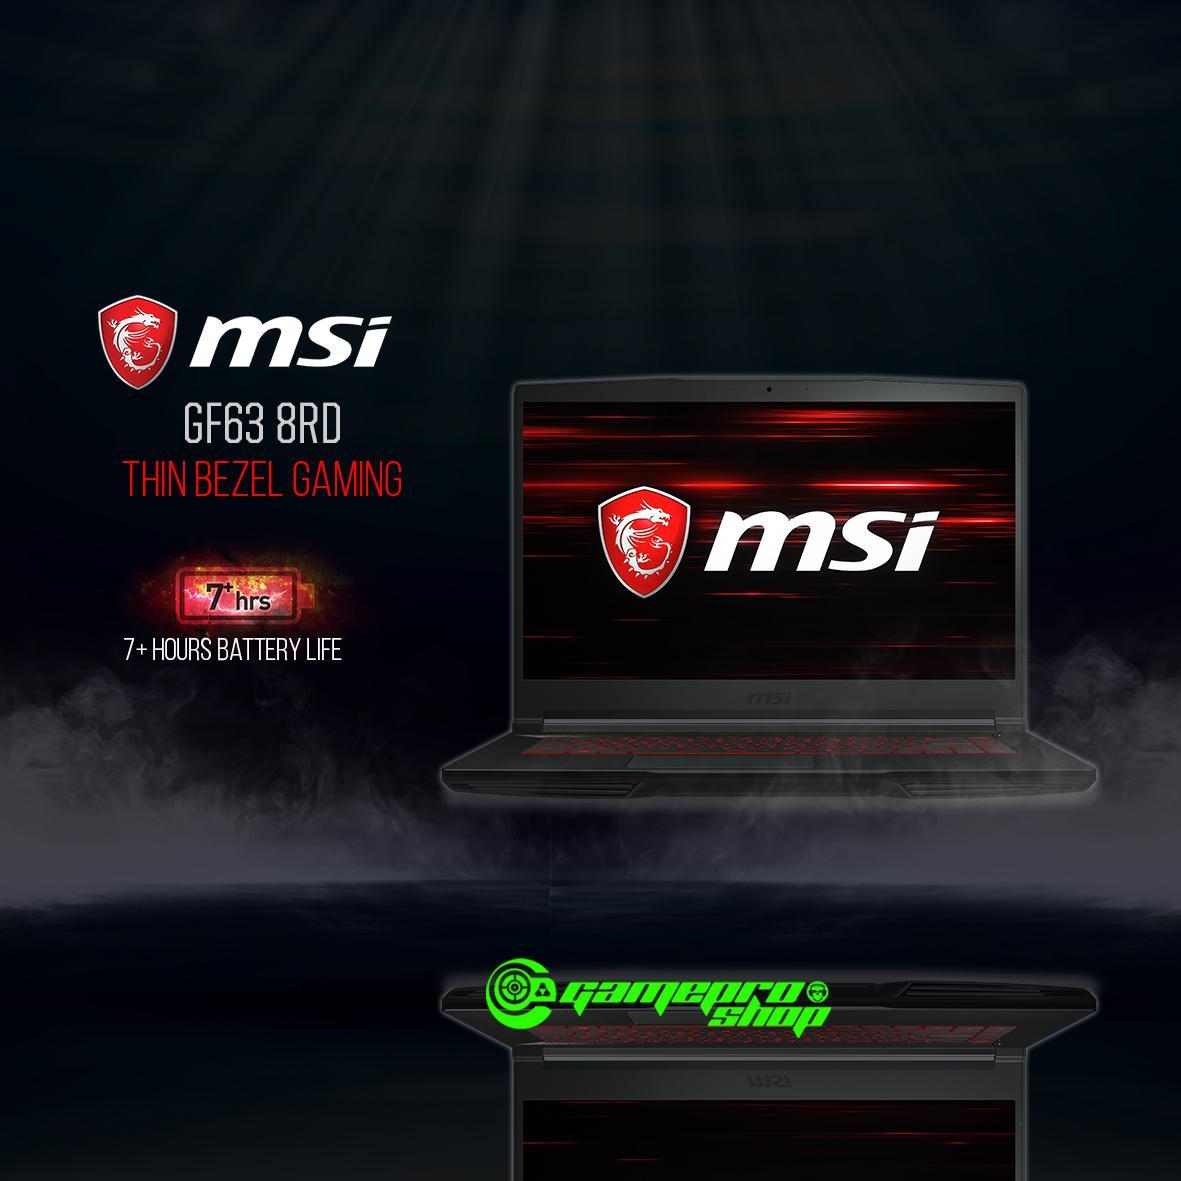 8th Gen MSI GF63 8RD -202SG (I7-8750H/8GB/128GB SSD/GTX1050Ti)Thin bezel design Gaming Laptop *NDP PROMO*